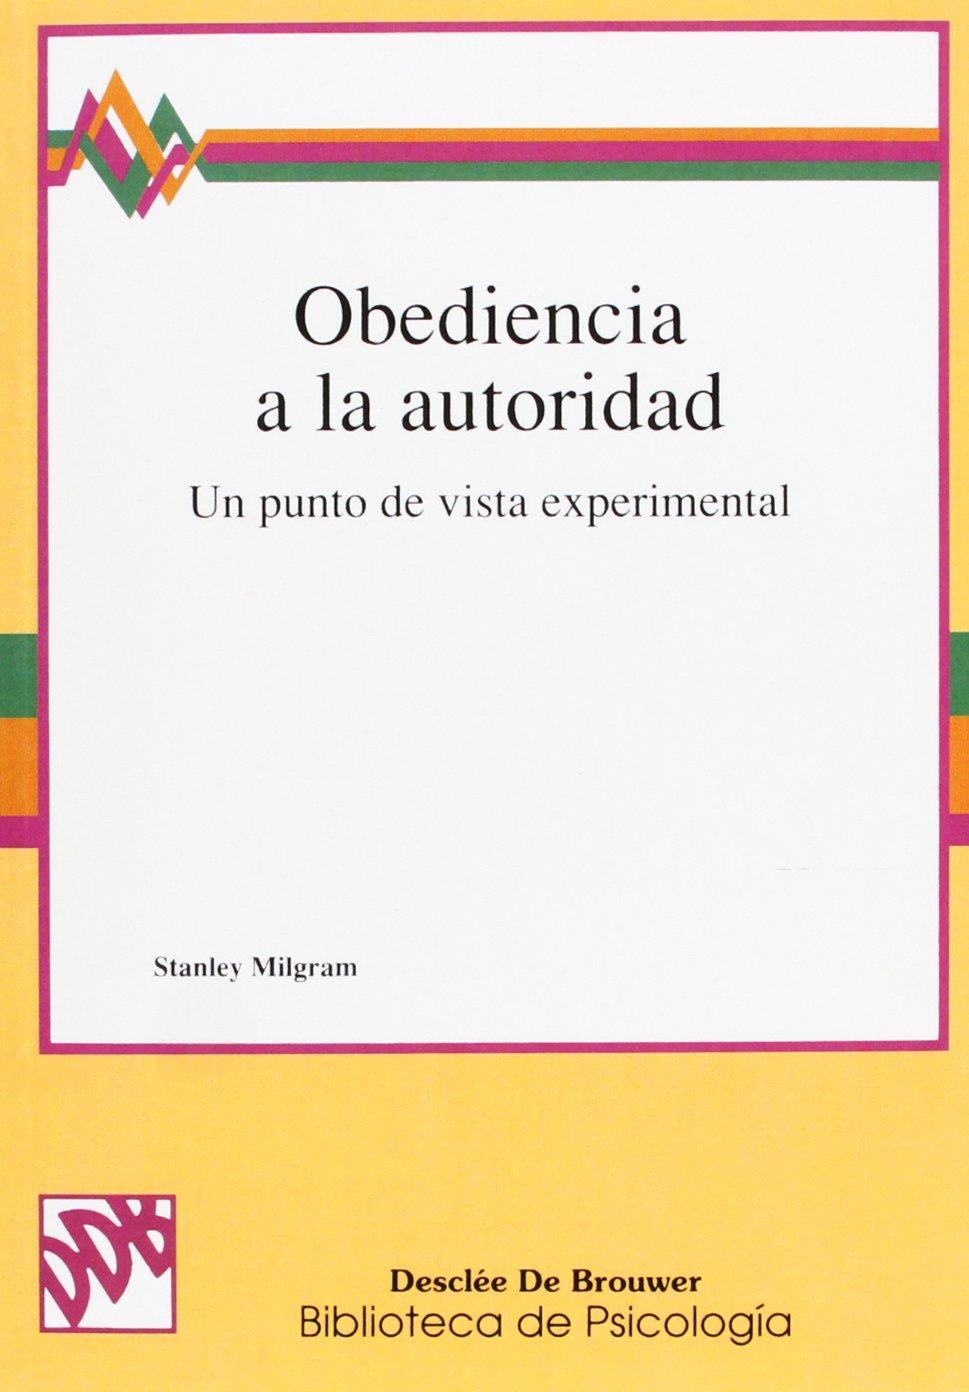 Obediencia A La Autoridad (Biblioteca de Psicología): Amazon.es: Stanley Milgram: Libros